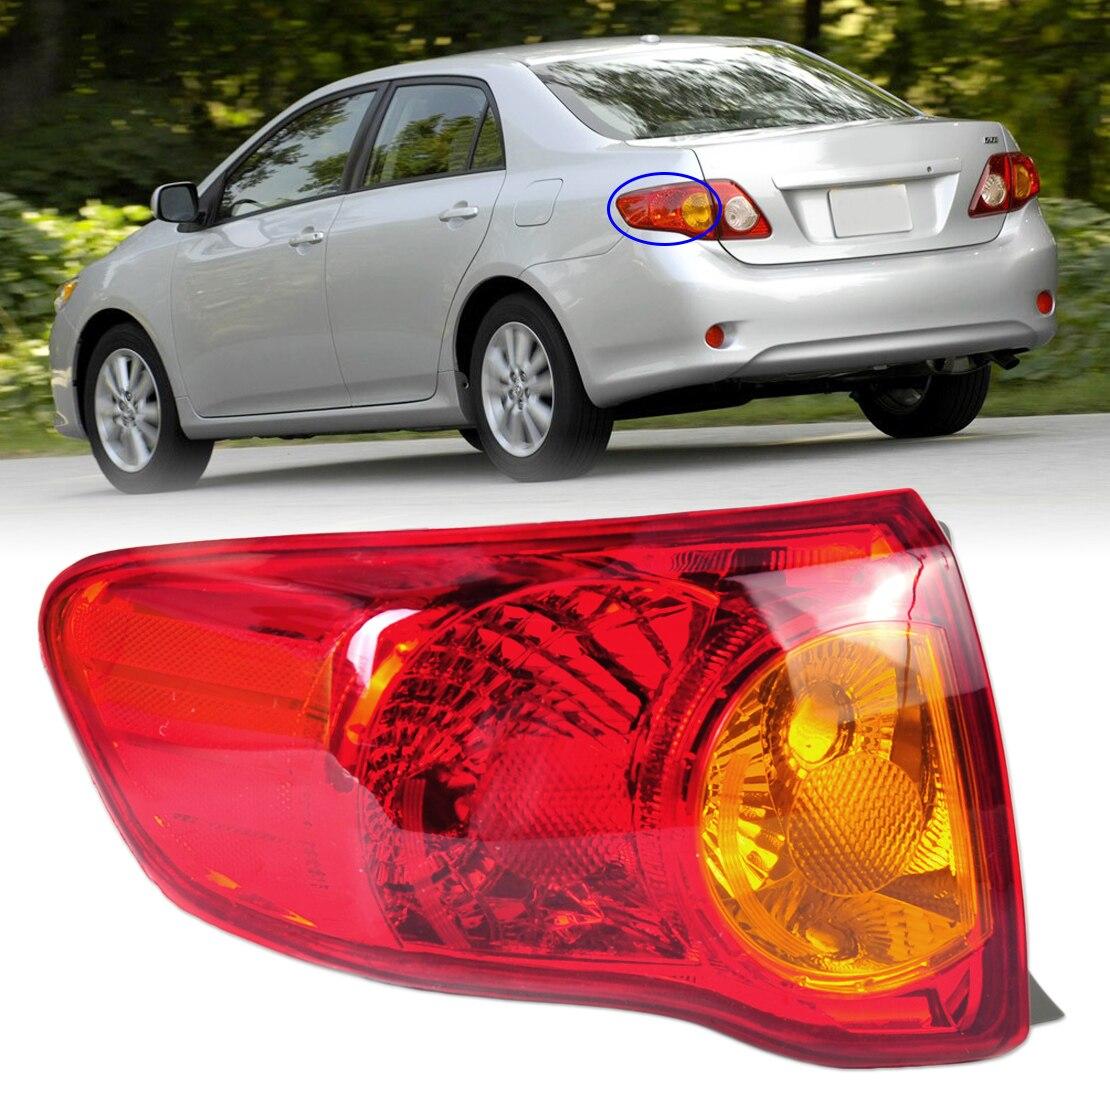 DWCX TO2800175 166-50863L задний левый Наружный задний фонарь вытяжки задний фонарь стоп-сигнал для Тойота Королла 2009 2010 левый руль